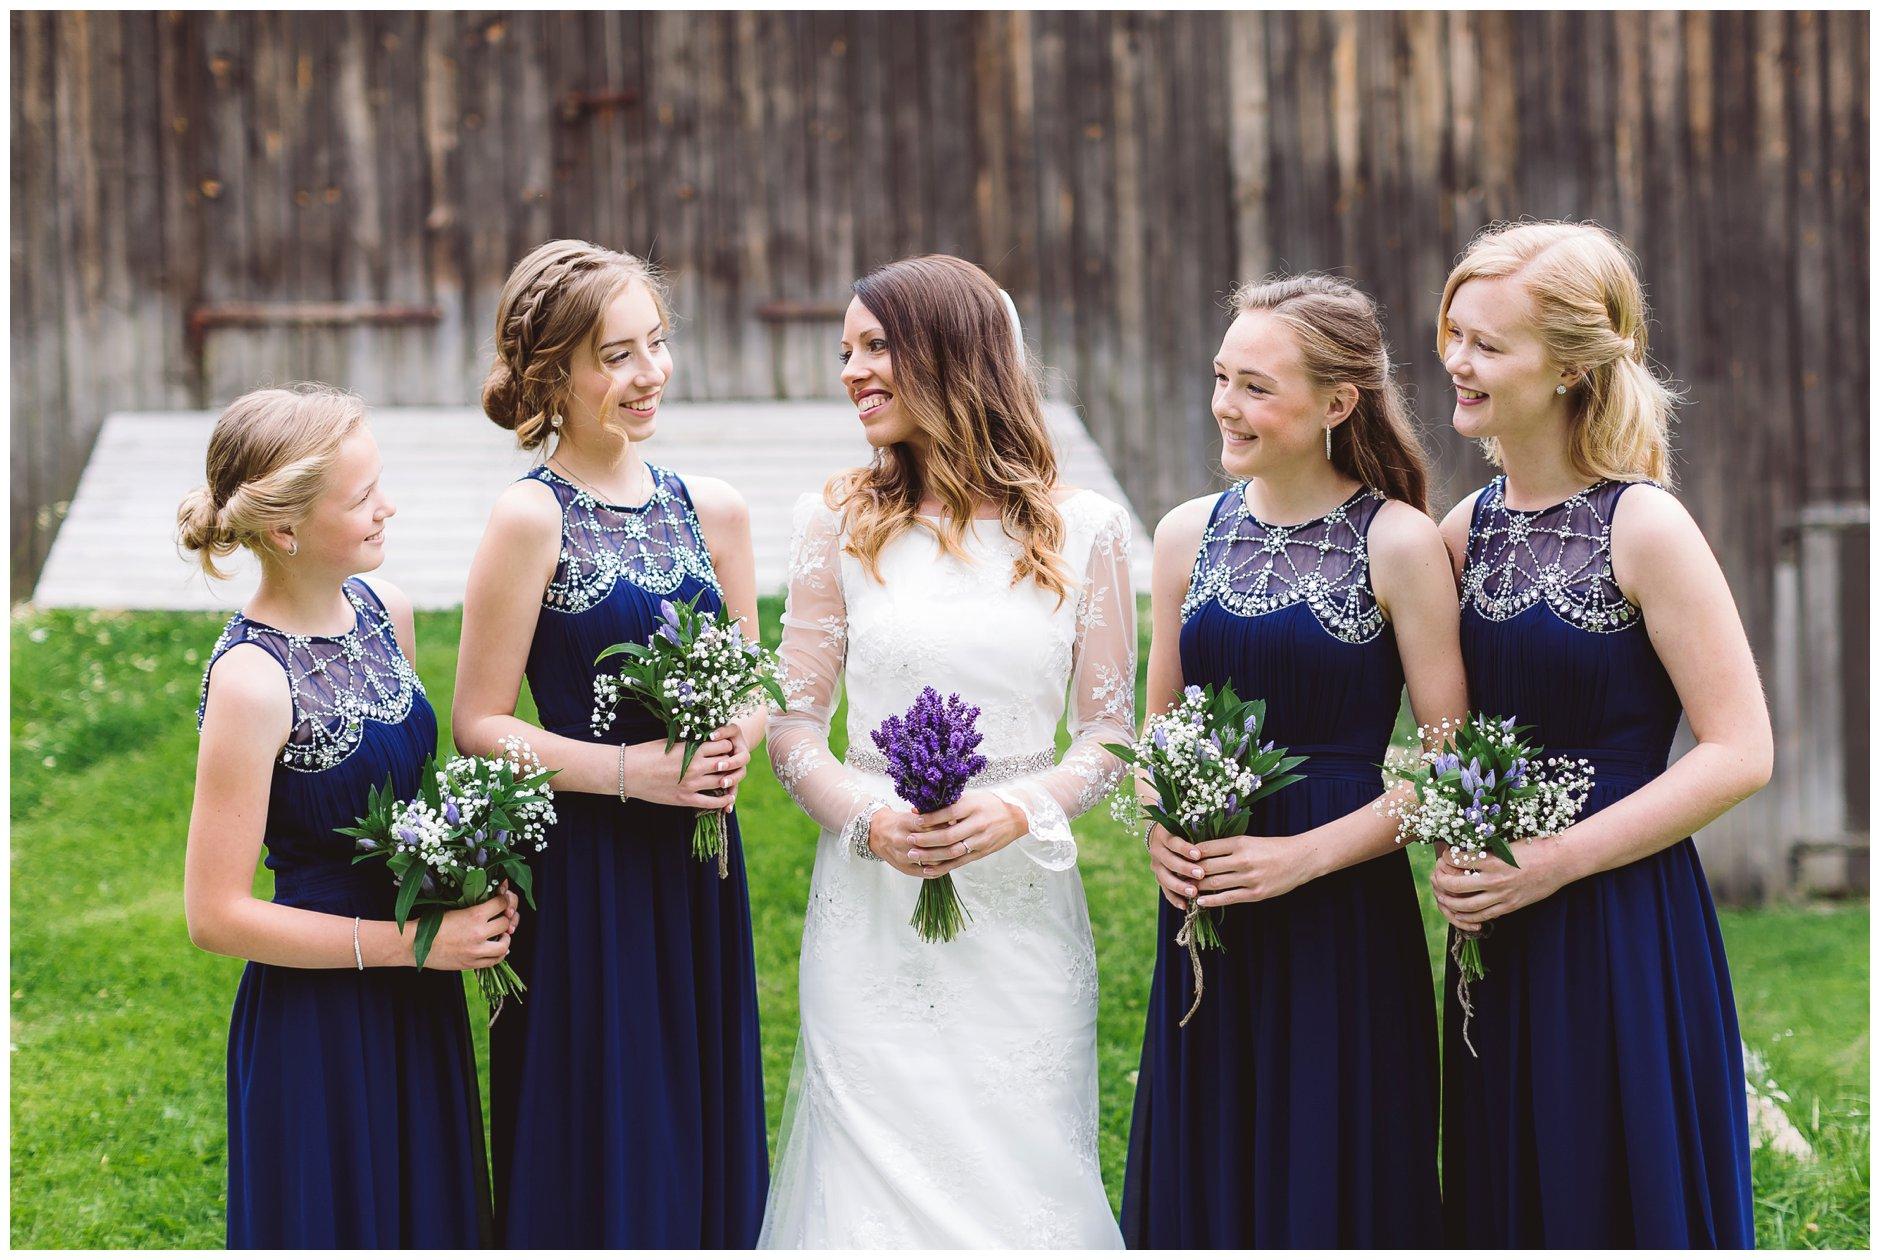 Fotograf-Eline-Jacobine-Bryllup-Glenne-Gård-Glenne-Weddig_0053